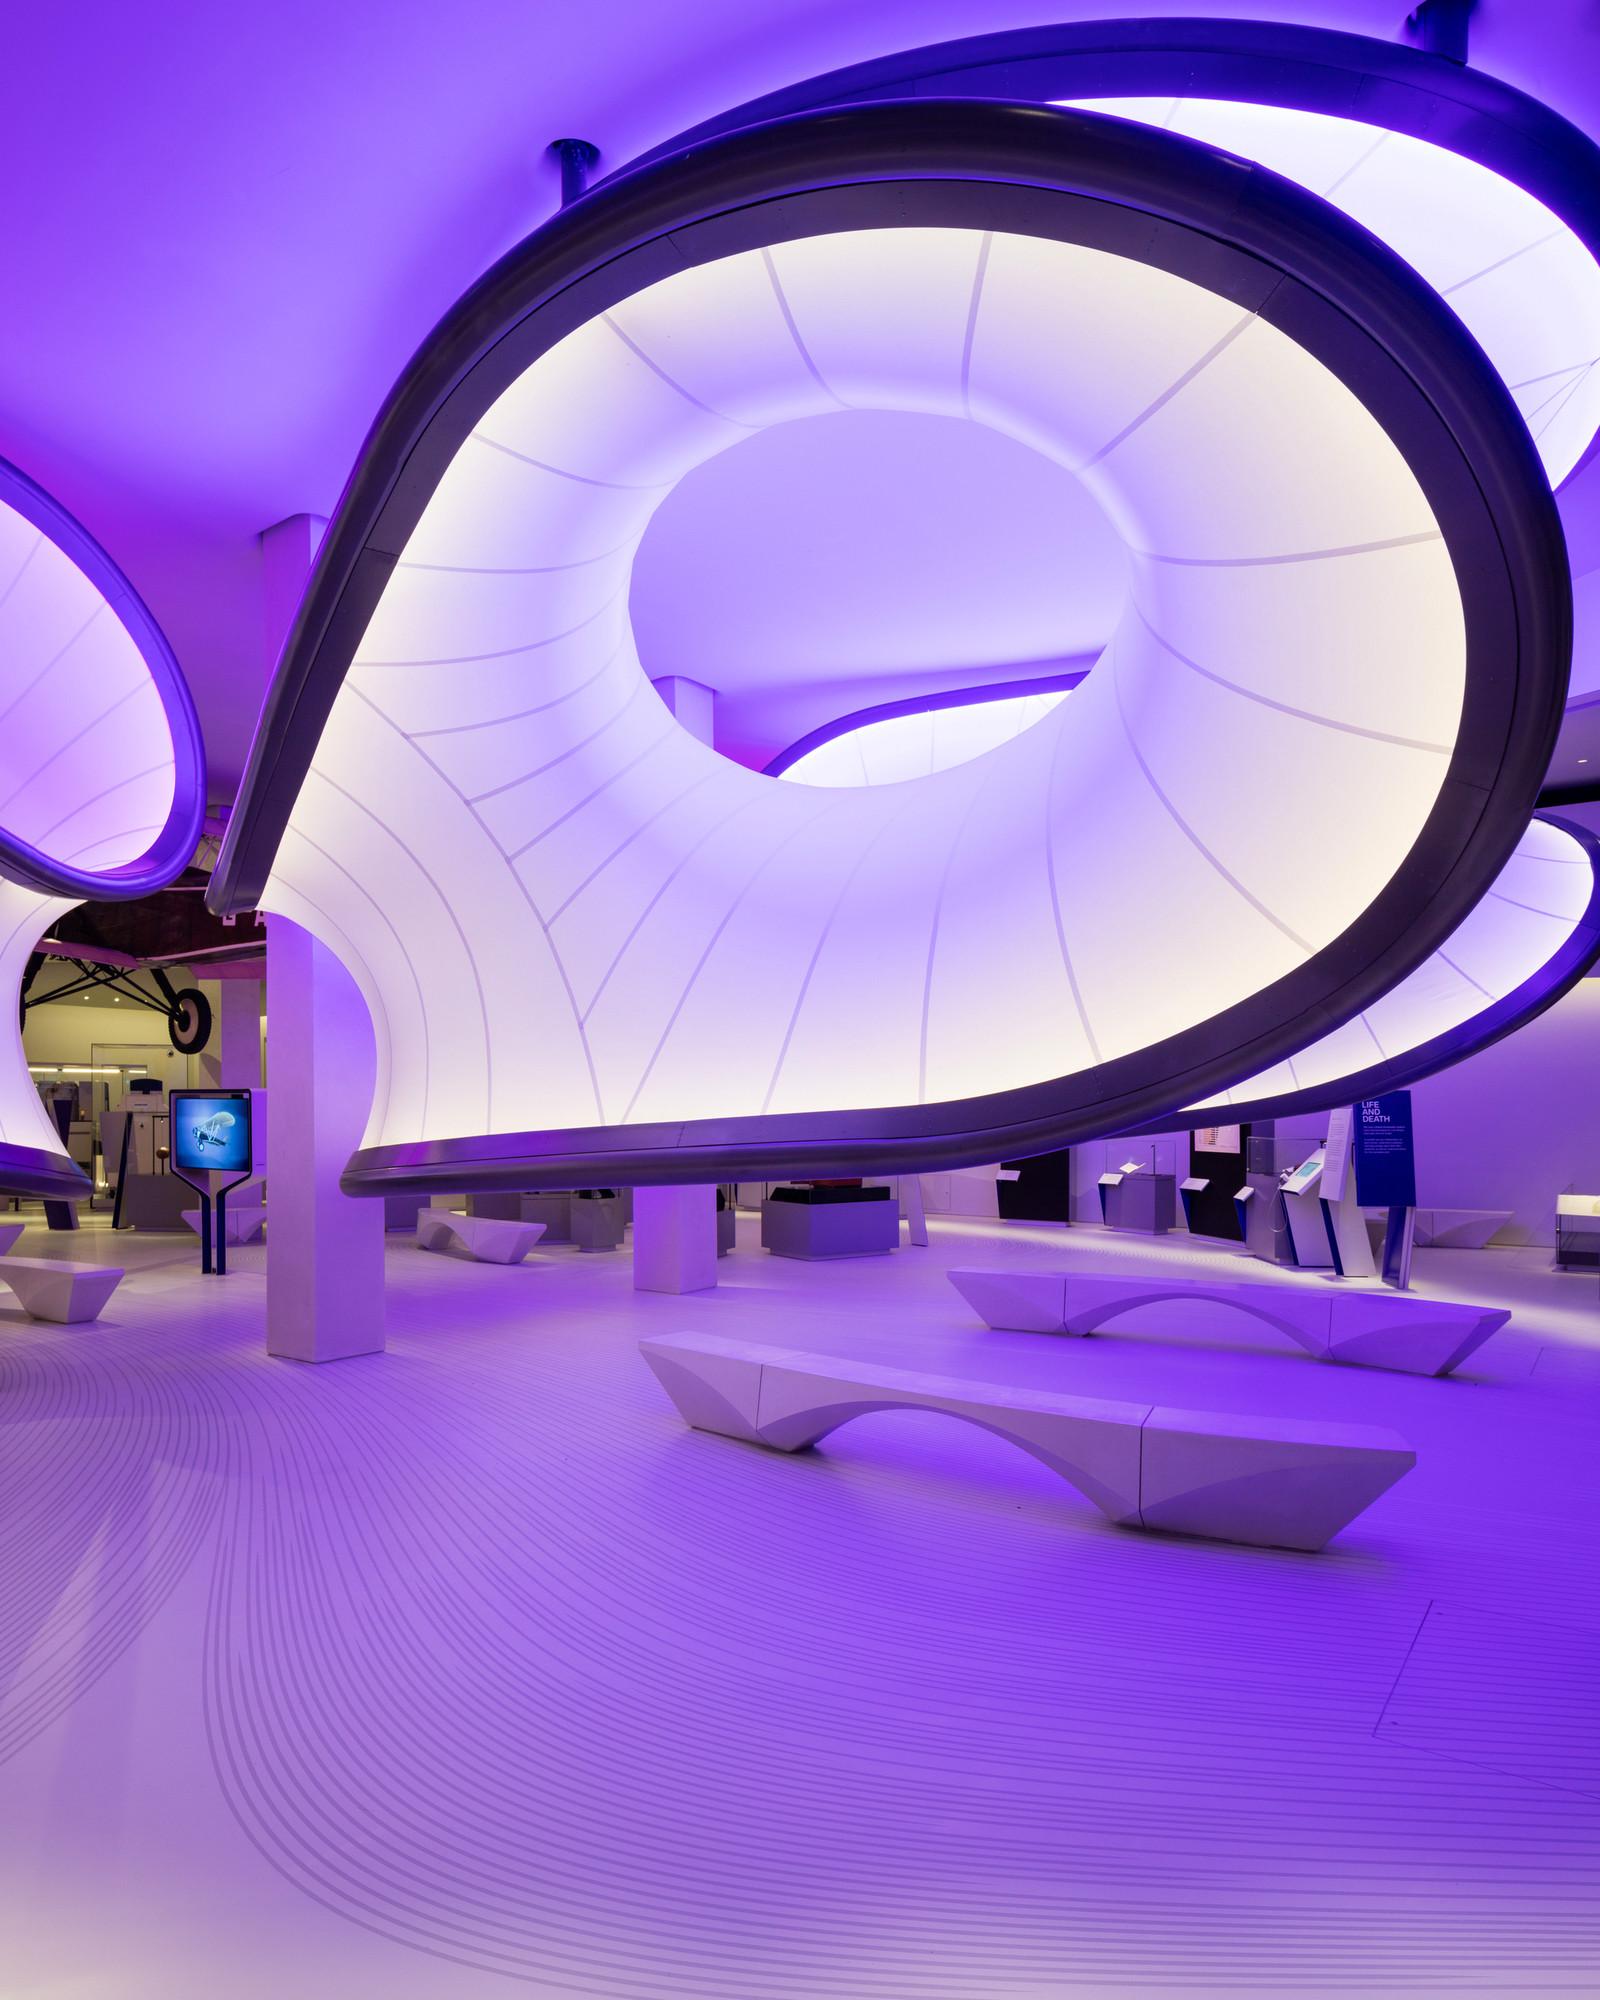 Галерея Уинтон: Математика от Zaha Hadid Architects